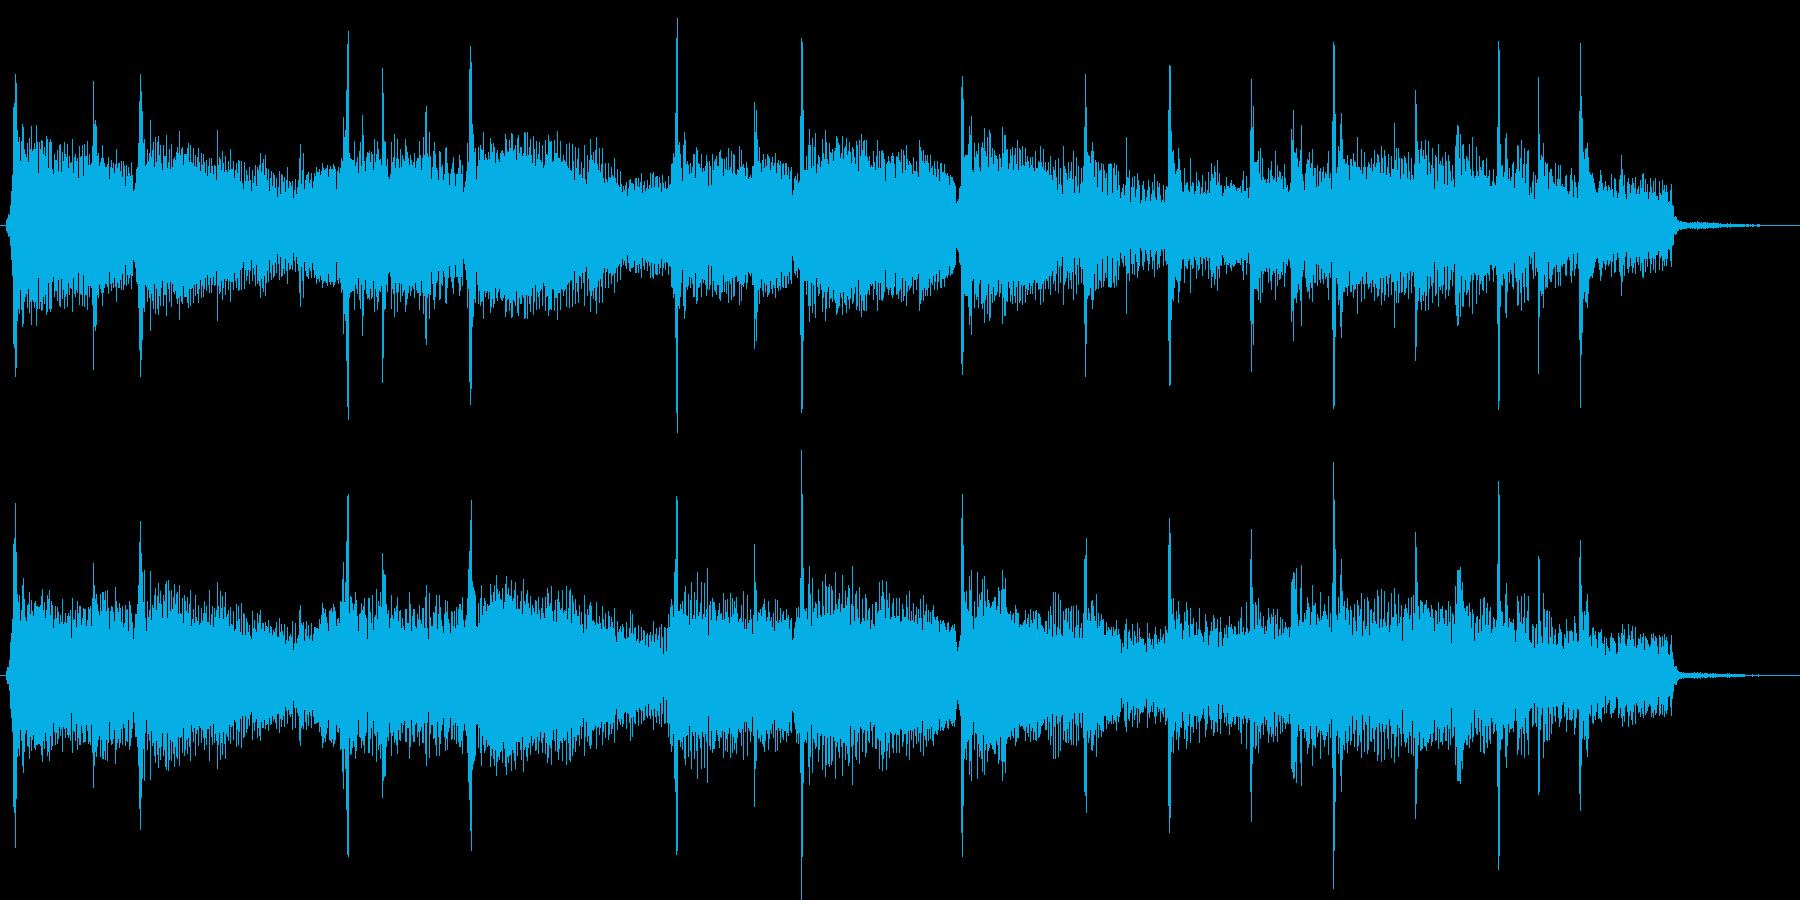 キラキラしたポップなイントロの再生済みの波形